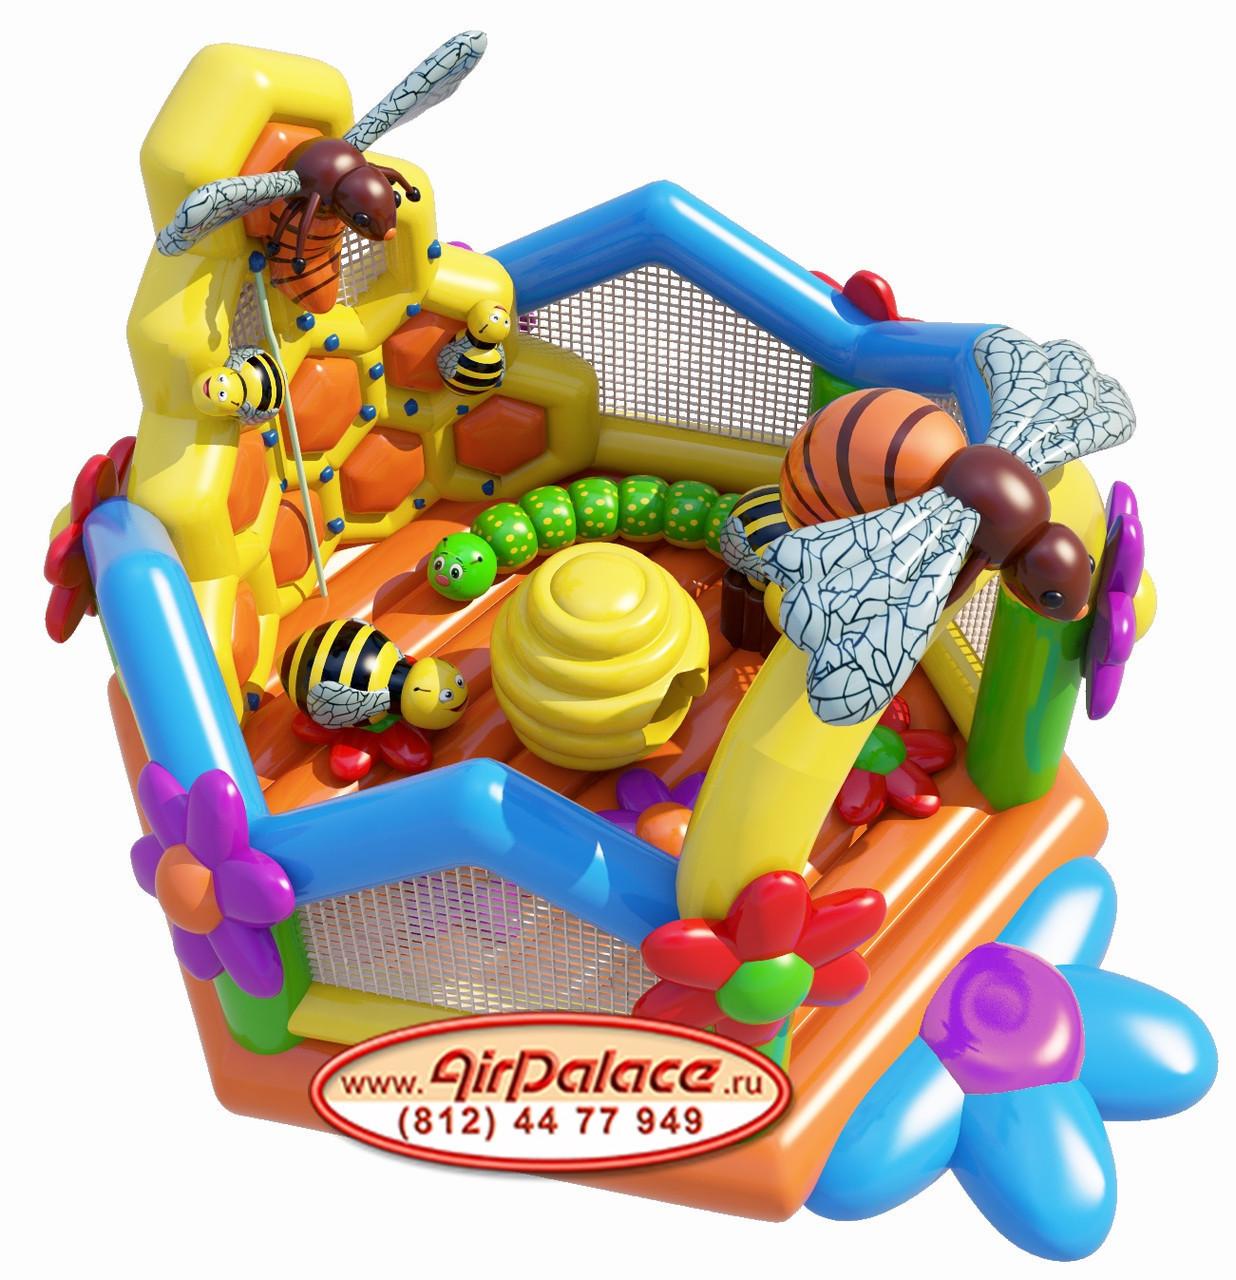 Детский батут надувной Пчелиный домик 6,4*6,2*4,1 м по акции